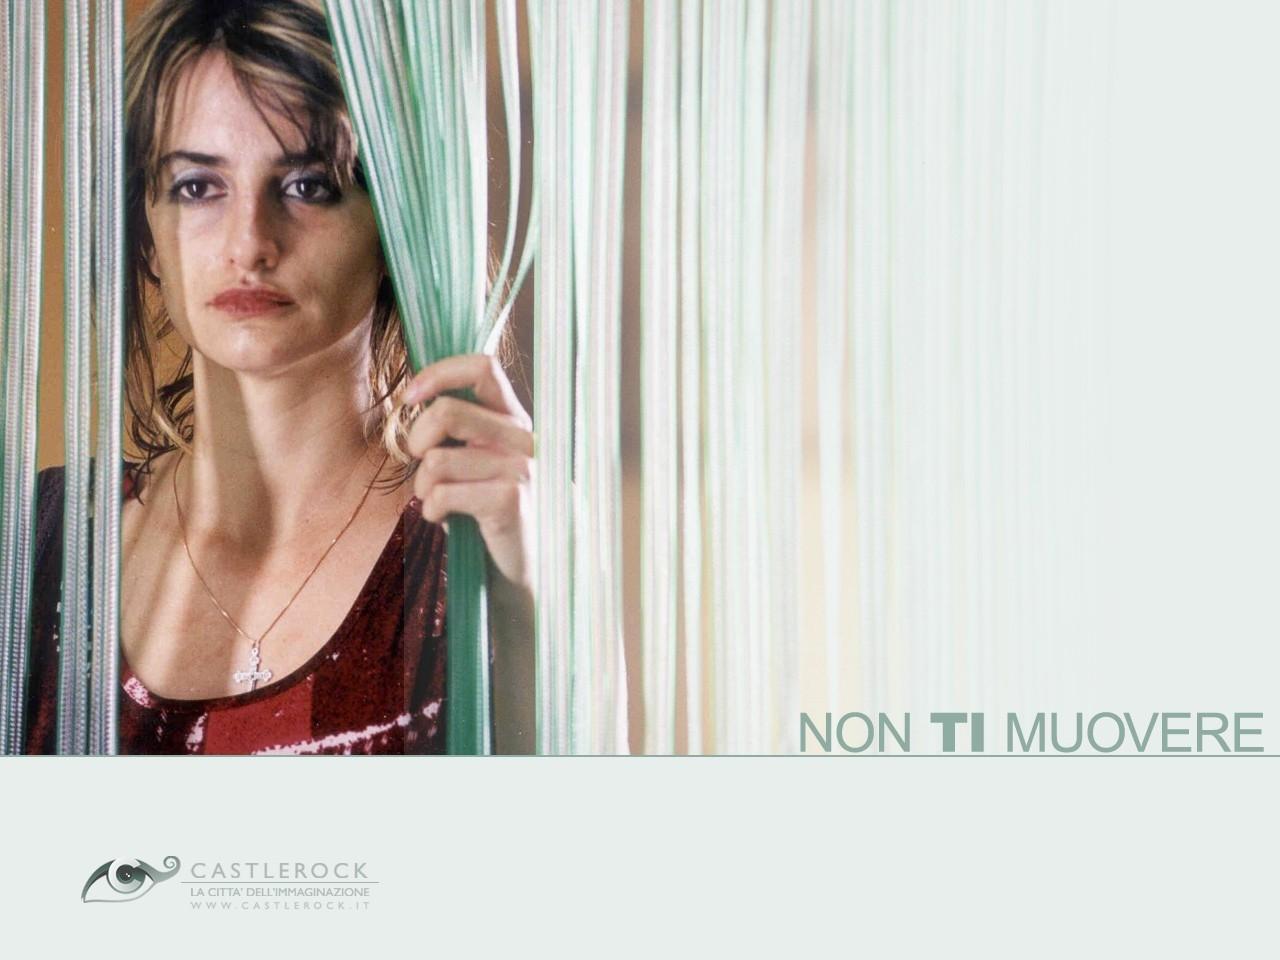 Wallpaper del film Non ti muovere con Penelope Cruz